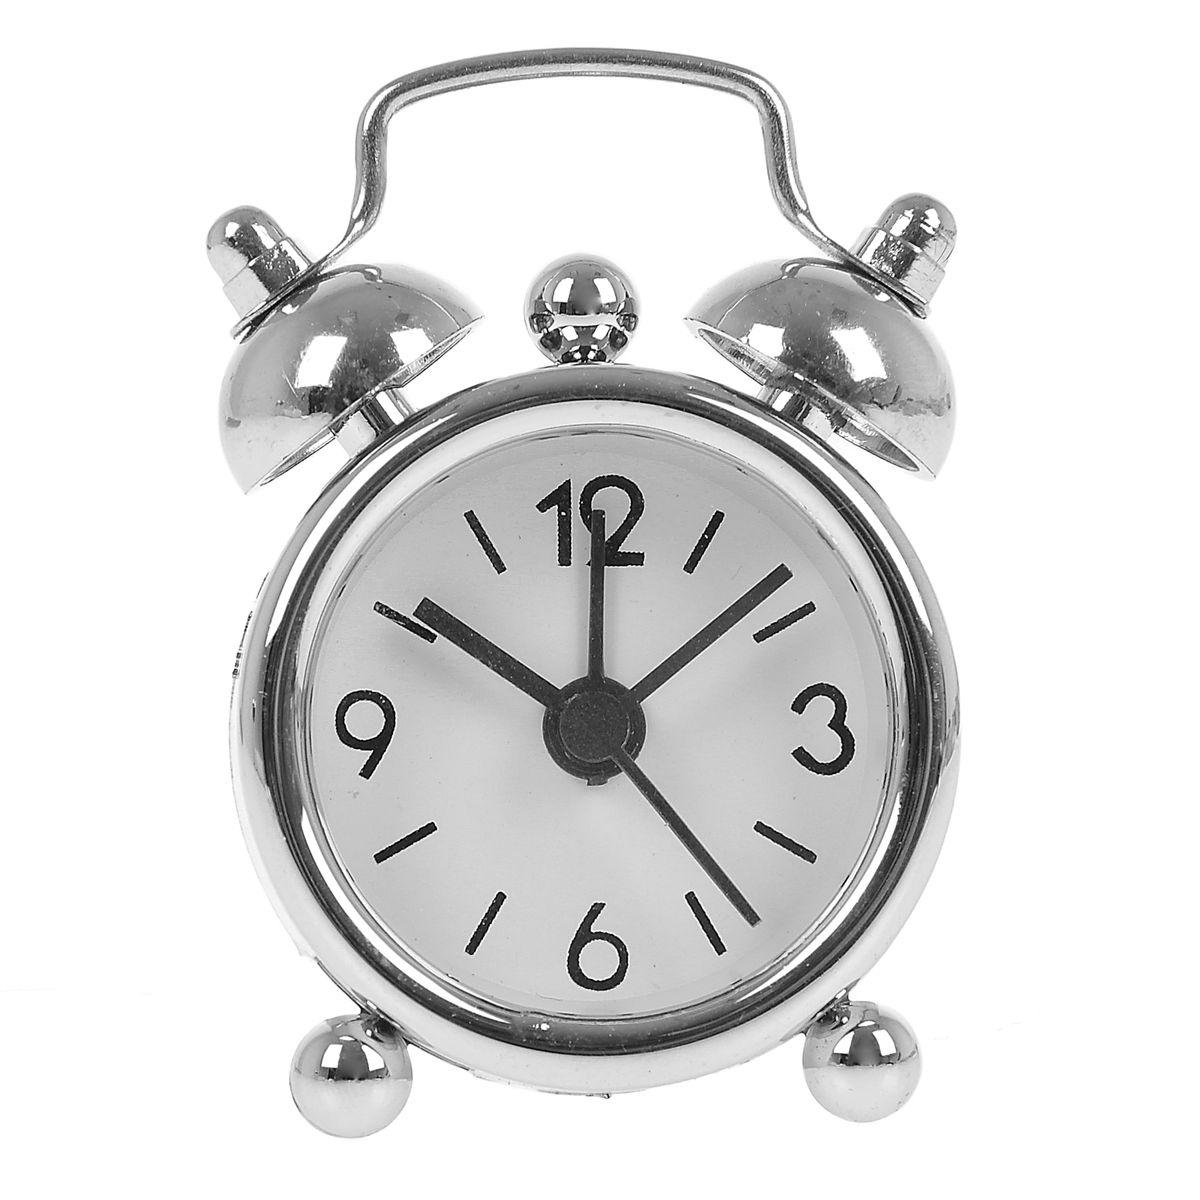 Часы-будильник Sima-land, цвет: серебристый. 840939840939Как же сложно иногда вставать вовремя! Всегда так хочется поспать еще хотя бы 5 минут и бывает, что мы просыпаем. Теперь этого не случится! Яркий, оригинальный будильник Sima-land поможет вам всегда вставать в нужное время и успевать везде и всюду. Будильник украсит вашу комнату и приведет в восхищение друзей. Эта уменьшенная версия привычного будильника умещается на ладони и работает так же громко, как и привычные аналоги. Время показывает точно и будит в установленный час. На задней панели будильника расположены переключатель включения/выключения звонка, который будет подавать звуковой сигнал, пока не будет отключен, а также два колесика для настройки текущего времени и времени звонка будильника. Будильник работает от 1 батарейки типа LR44 (входит в комплект).